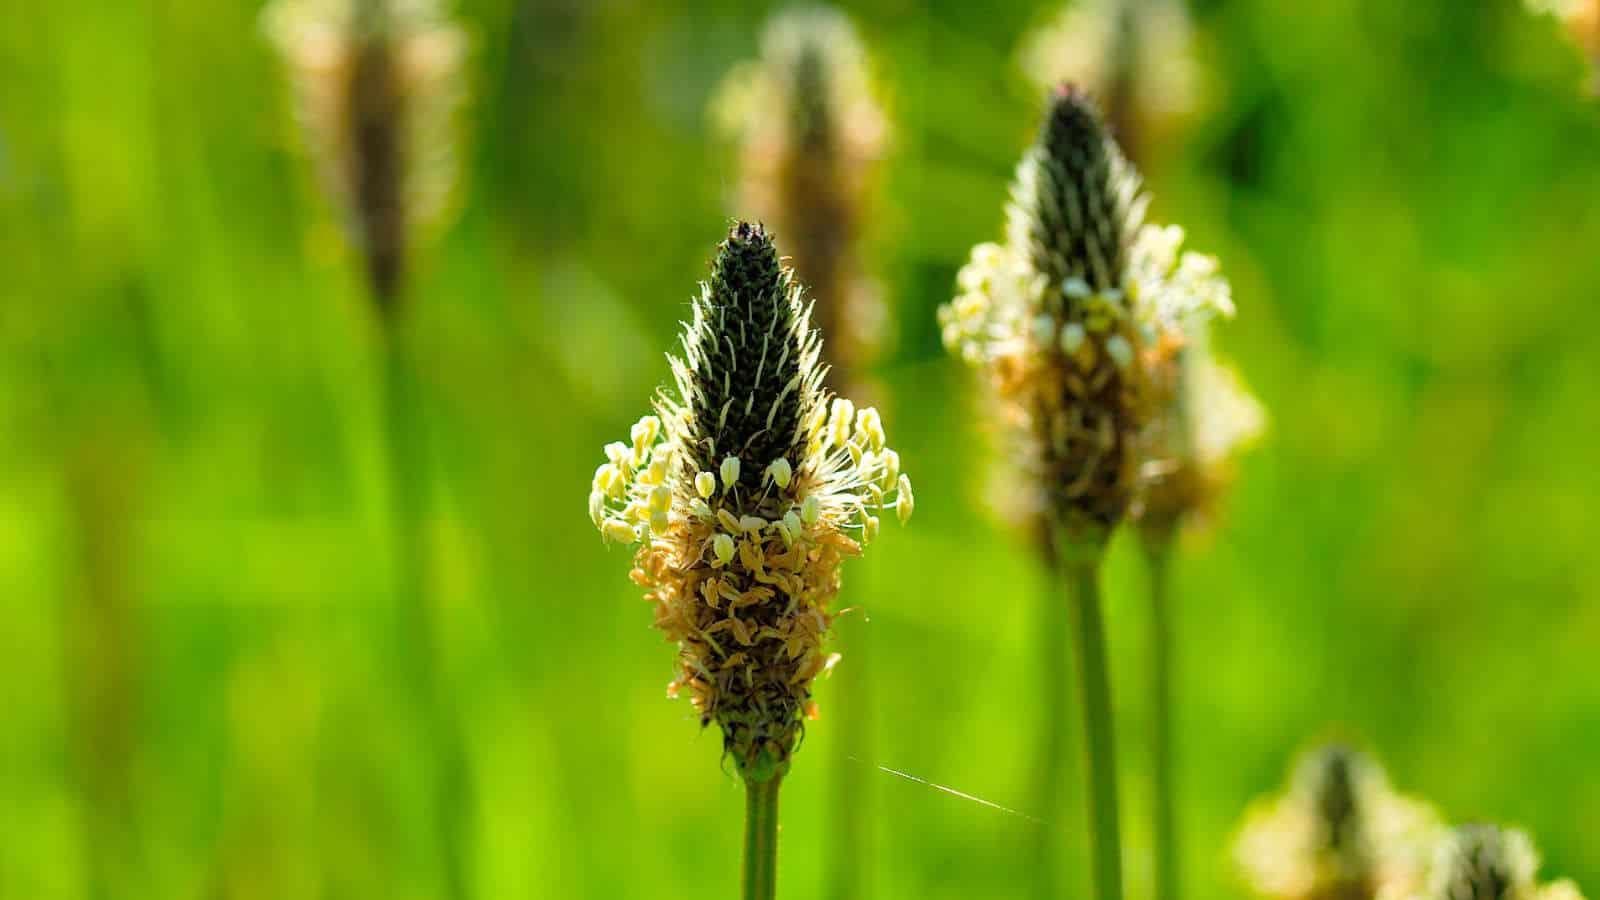 Spitzwegerich Hustensaft- Was kann die Pflanze vom Wegesrand?